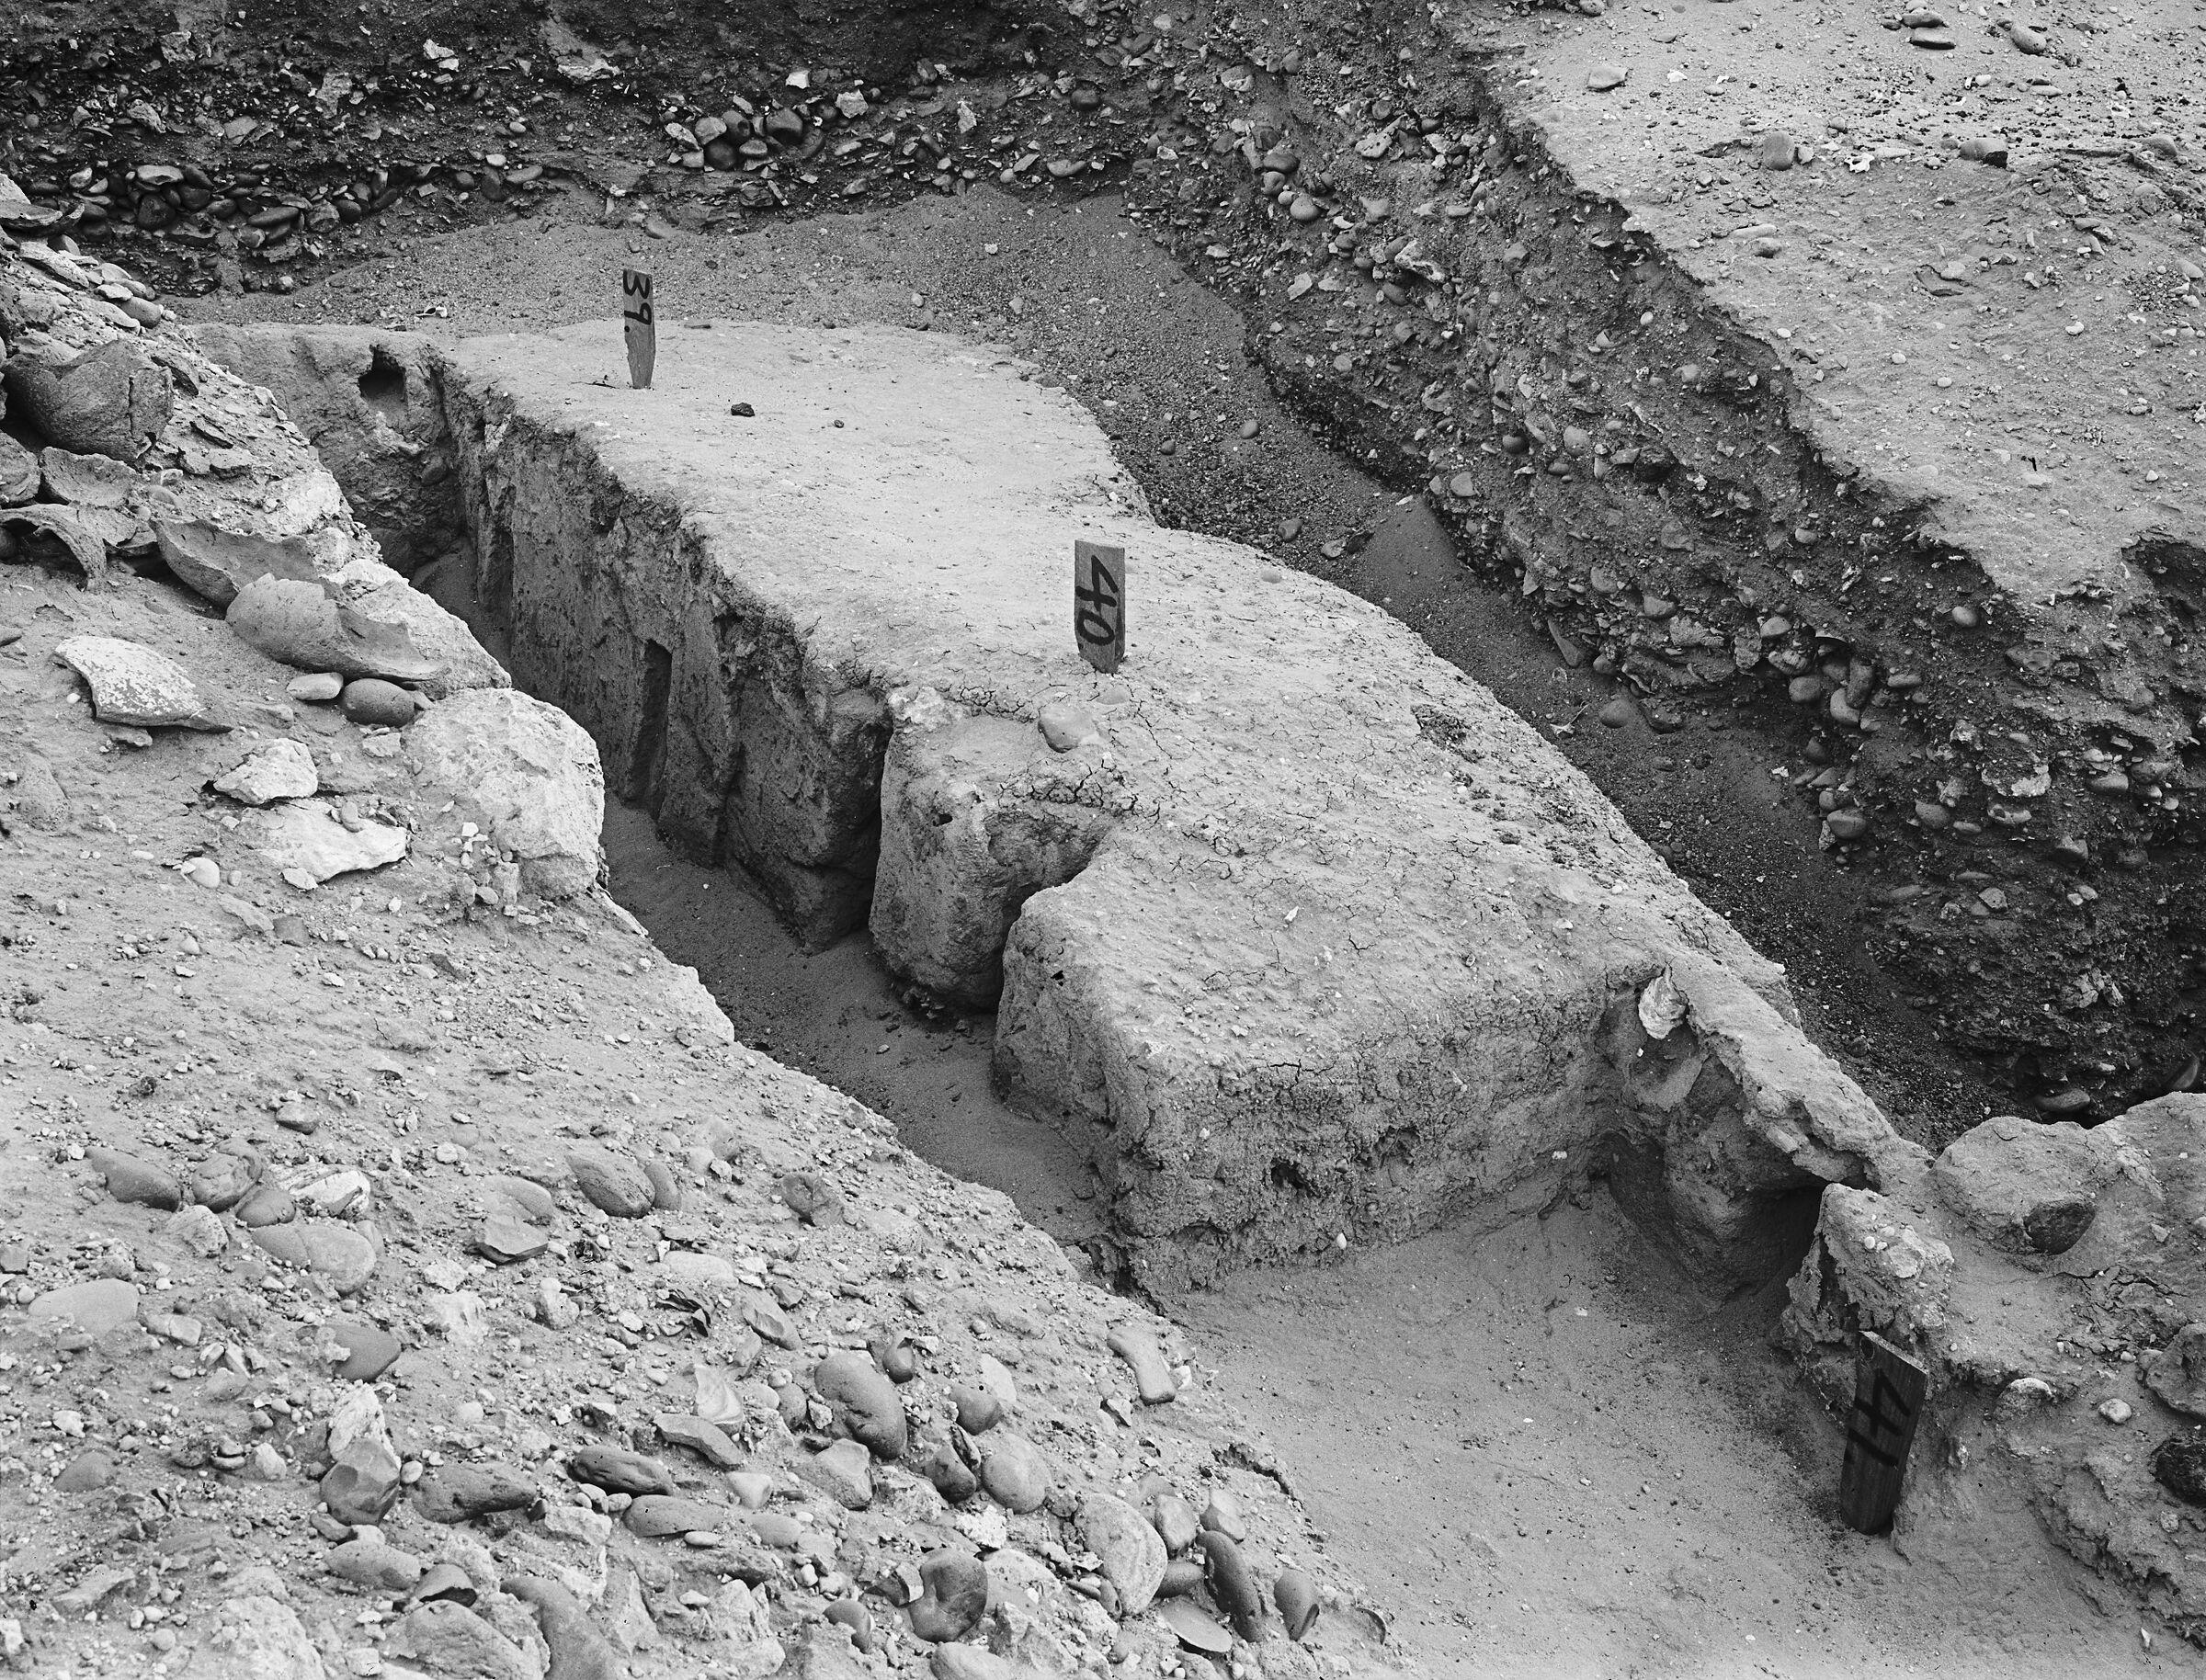 Wadi Cemetery (Reisner; north of W. Cem): Site: Giza; View: GW 36, GW 39, GW 40, GW 41